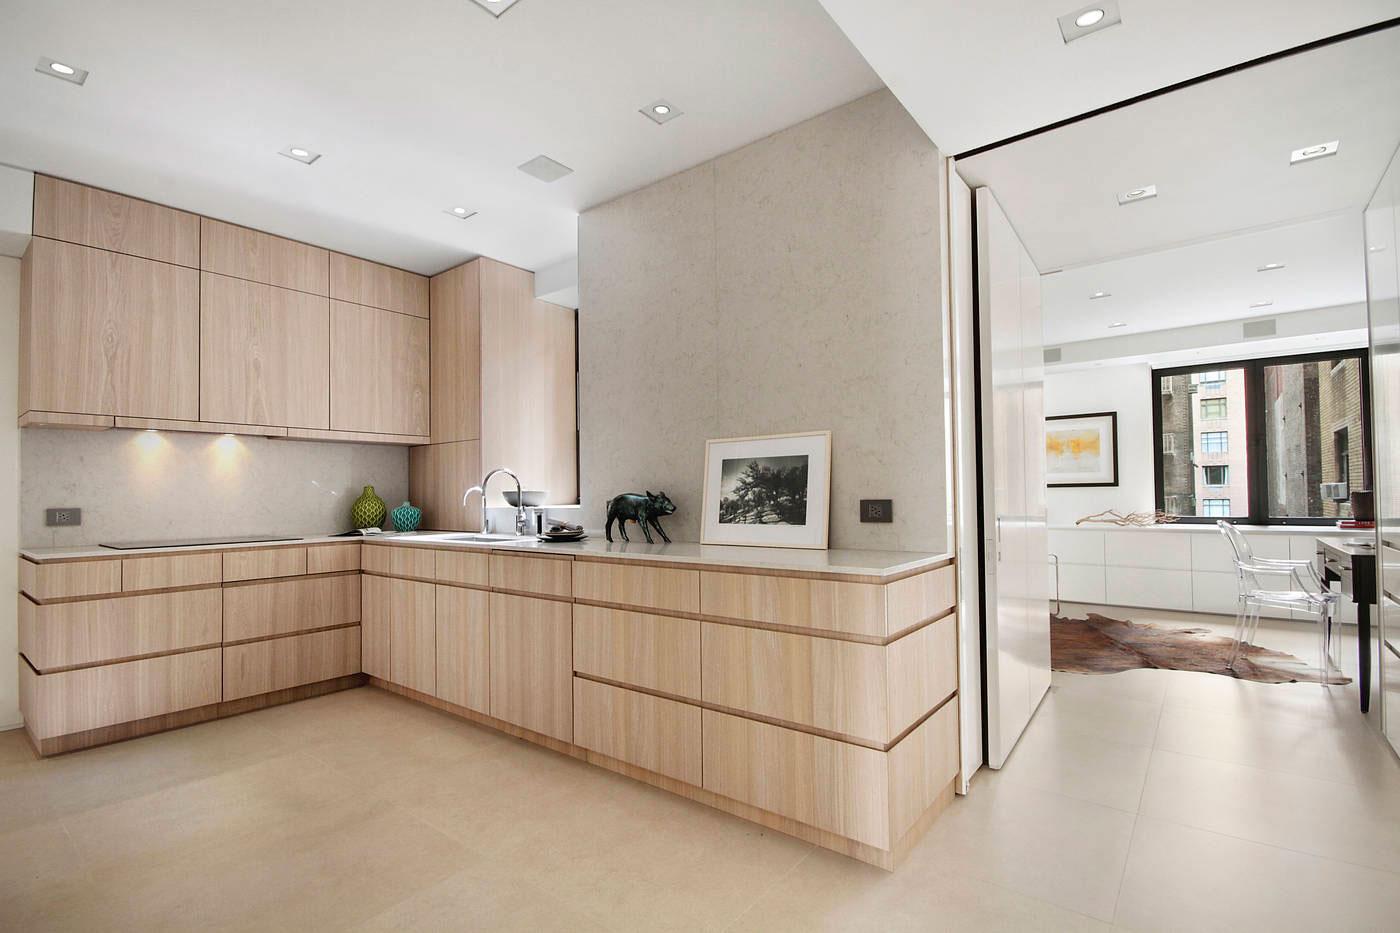 簡約宜家廚房實木櫥柜裝飾圖